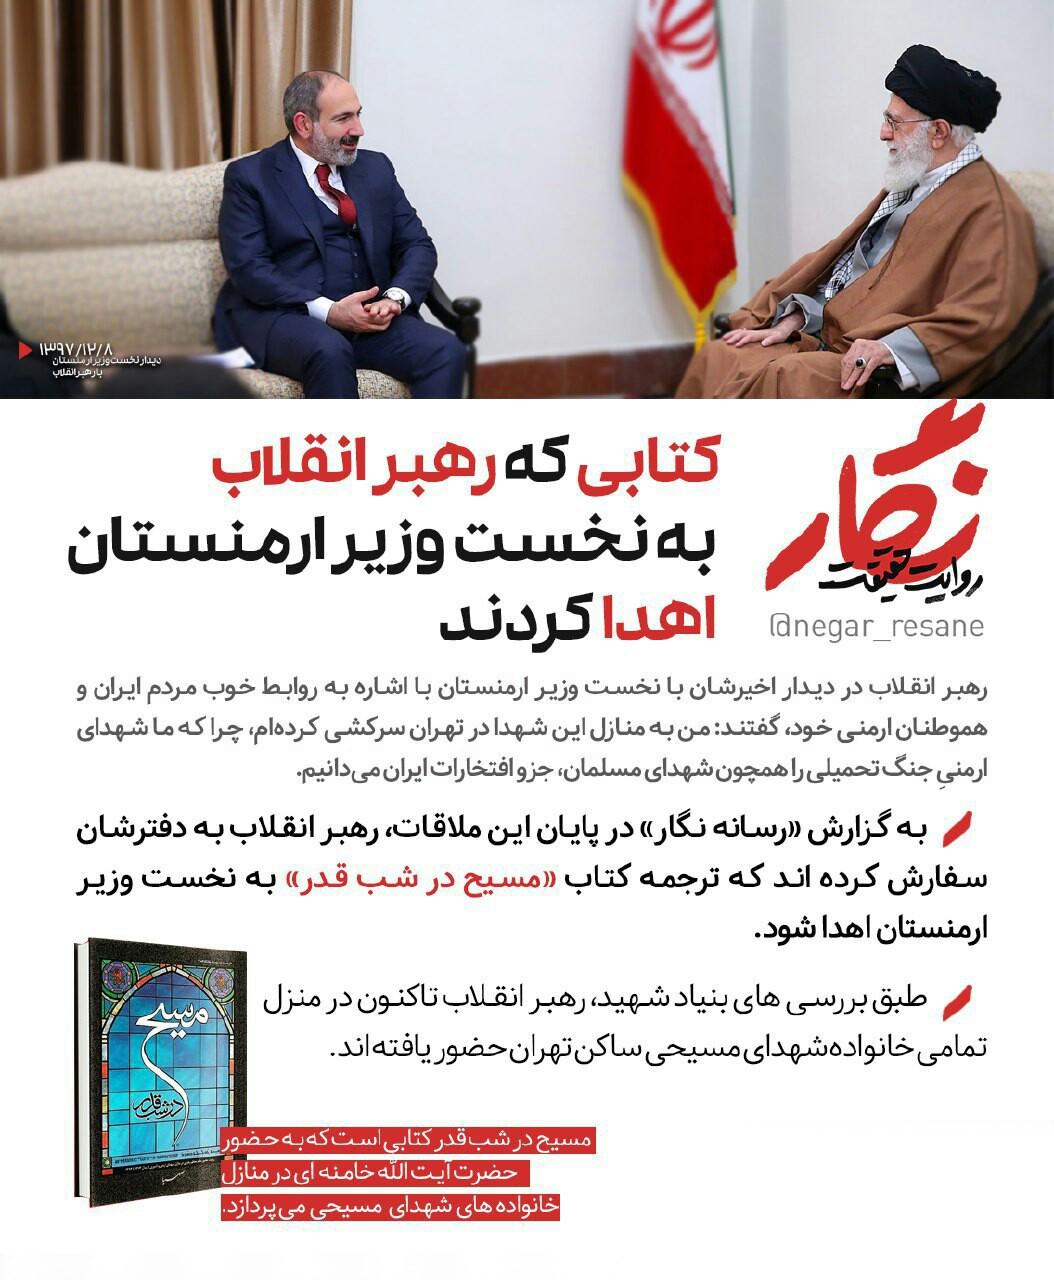 رهبر انقلاب چه کتابی را به نخست وزیر ارمنستان اهدا کردند؟